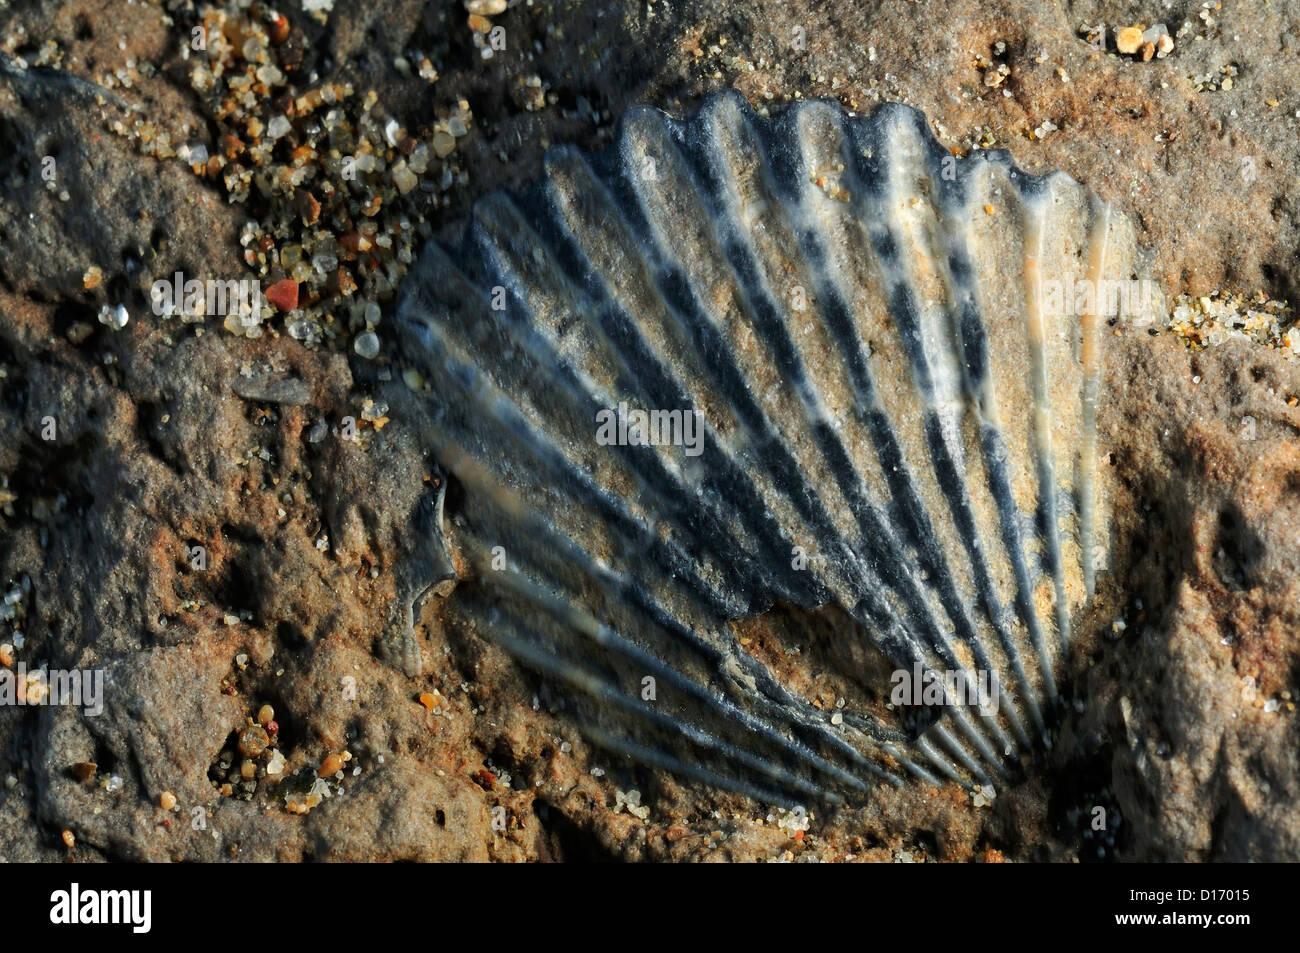 Bivalve fossil Pseudopecten equivalvis, Mollusca Tor Caldara Lavinio, Rome, Lazio, Italy - Stock Image